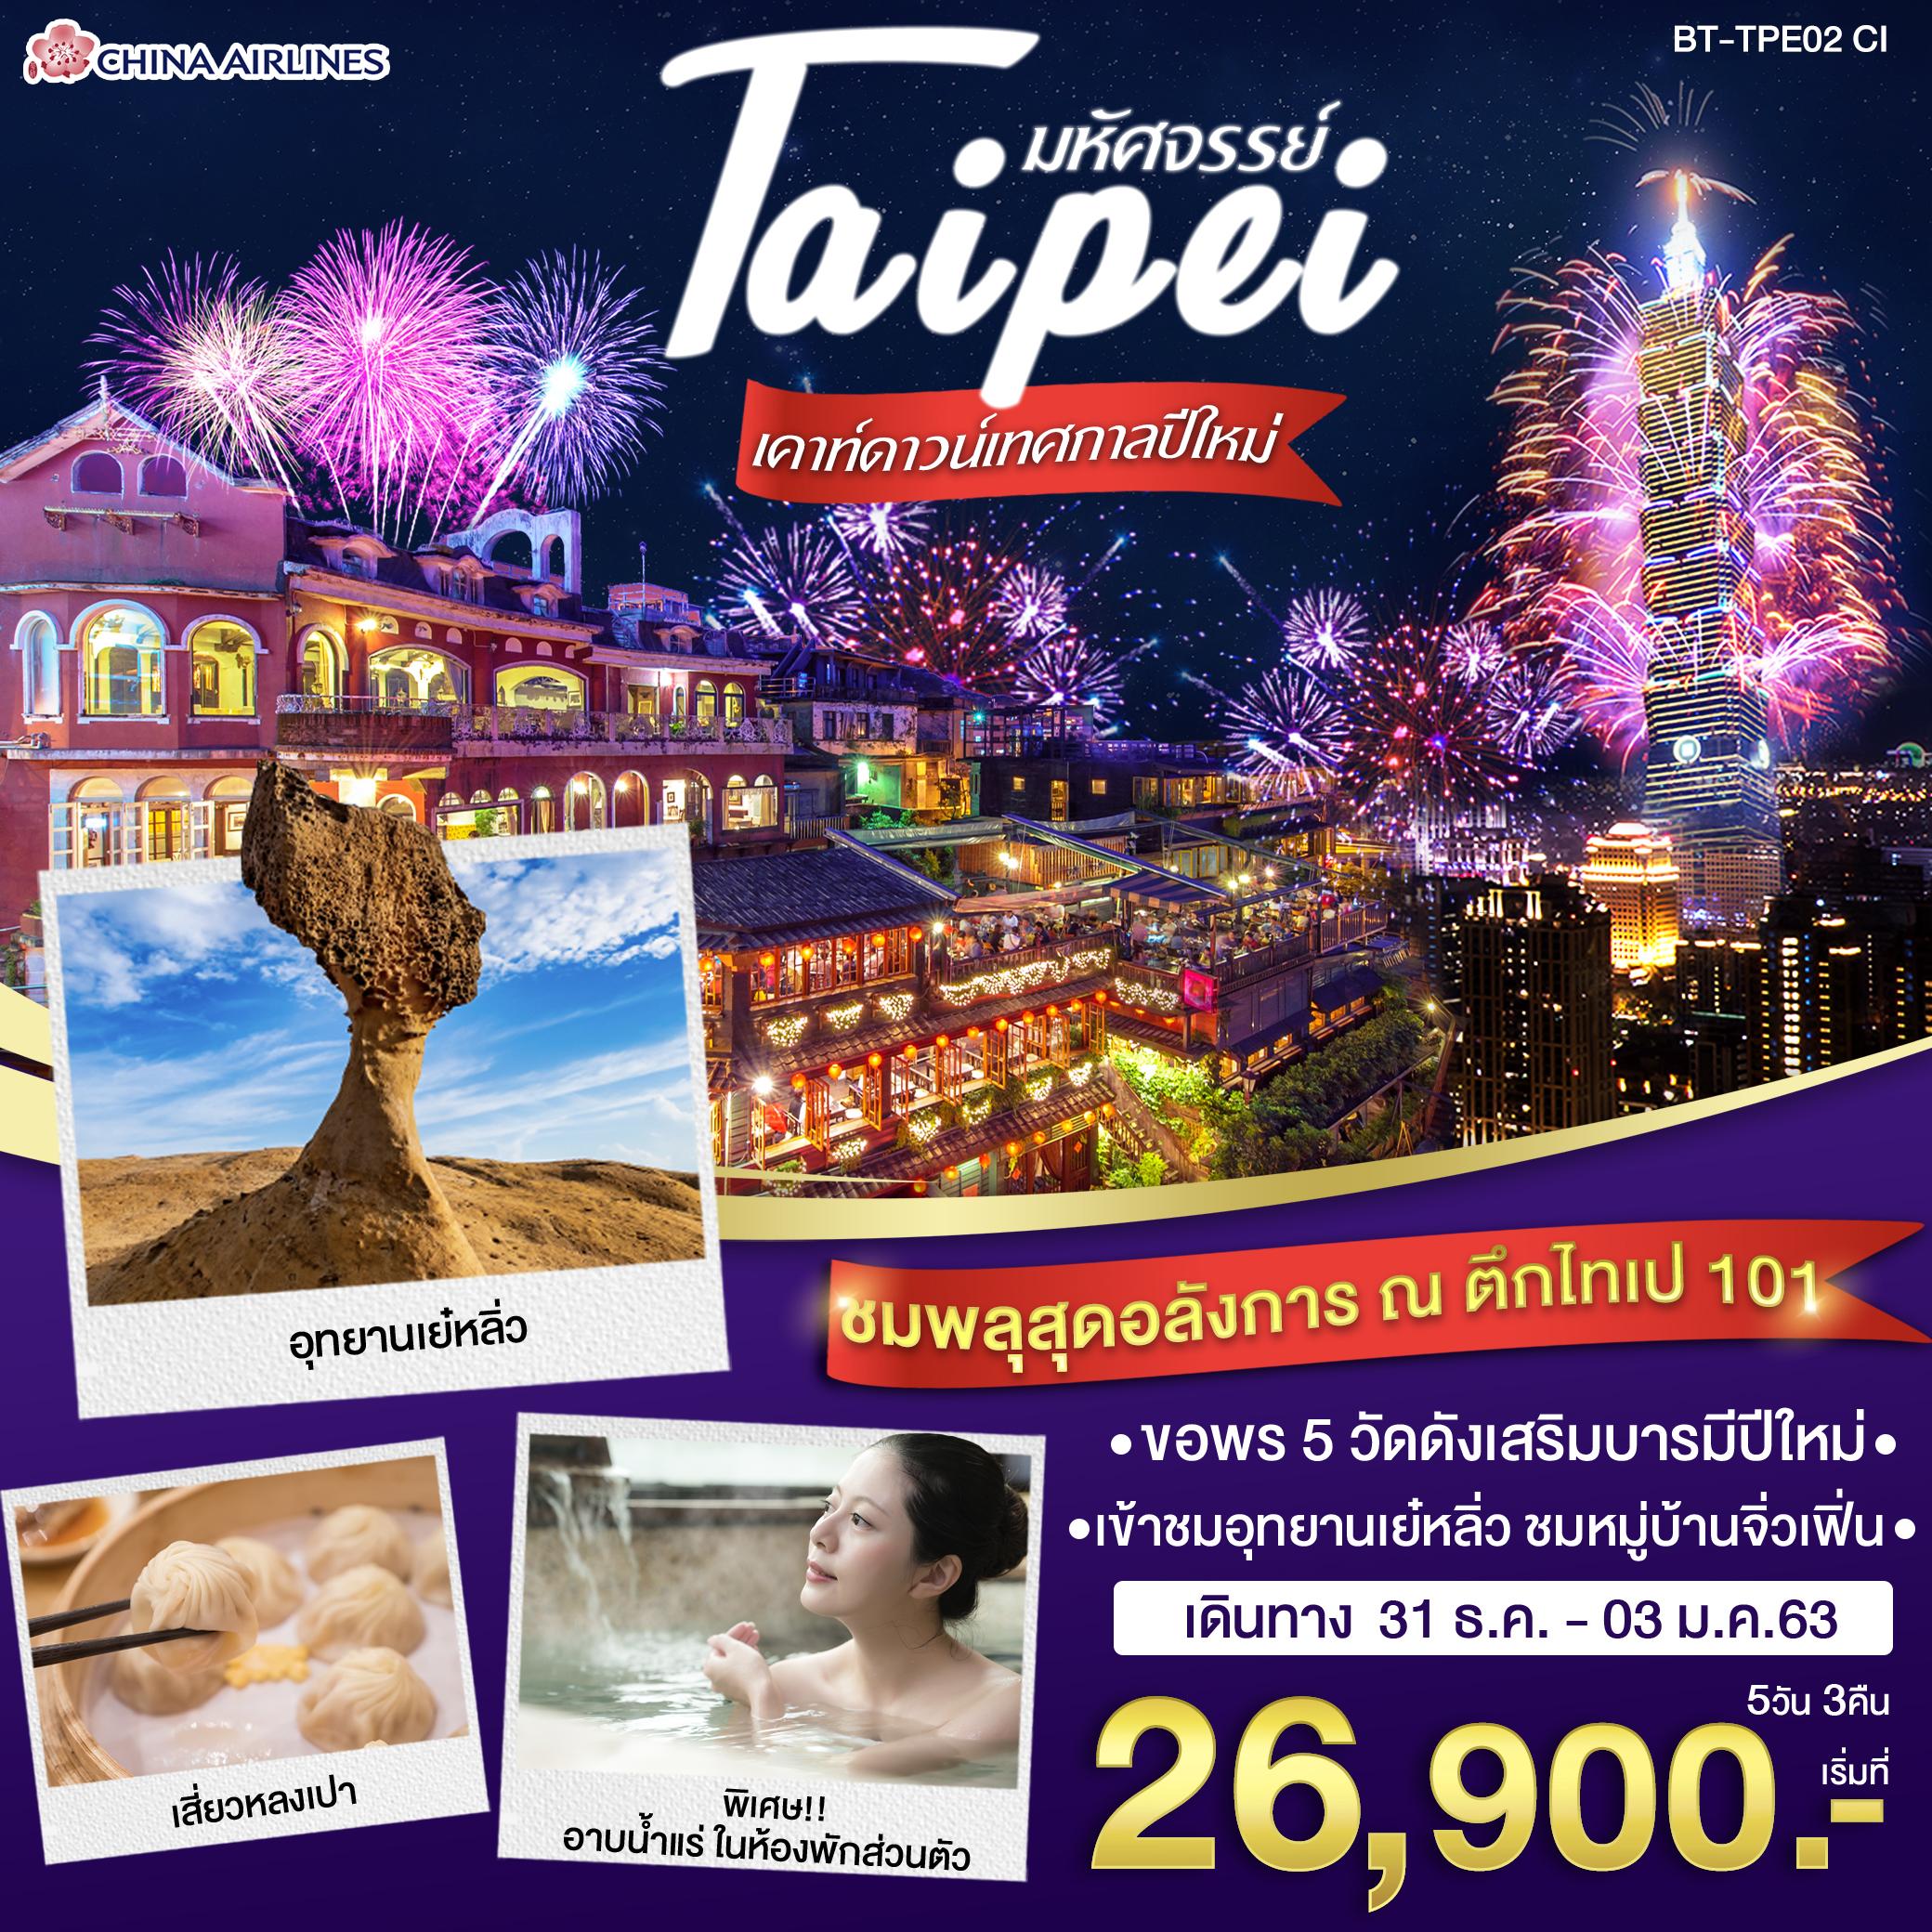 ทัวร์ไต้หวัน-เคาท์ดาวน์ปีใหม่-5วัน-3คืน-(31DEC19-4JAN20)(BT-TPE02_CI)